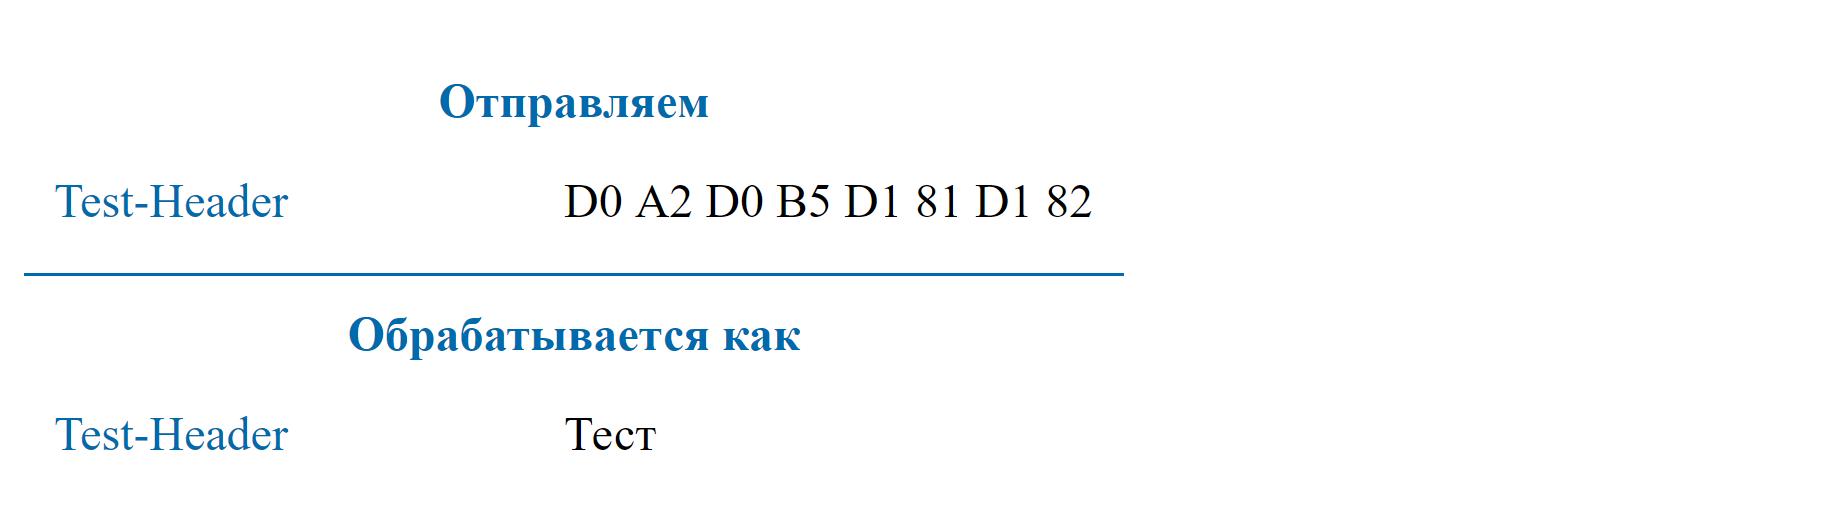 Использование UTF-8 в HTTP заголовках - 7